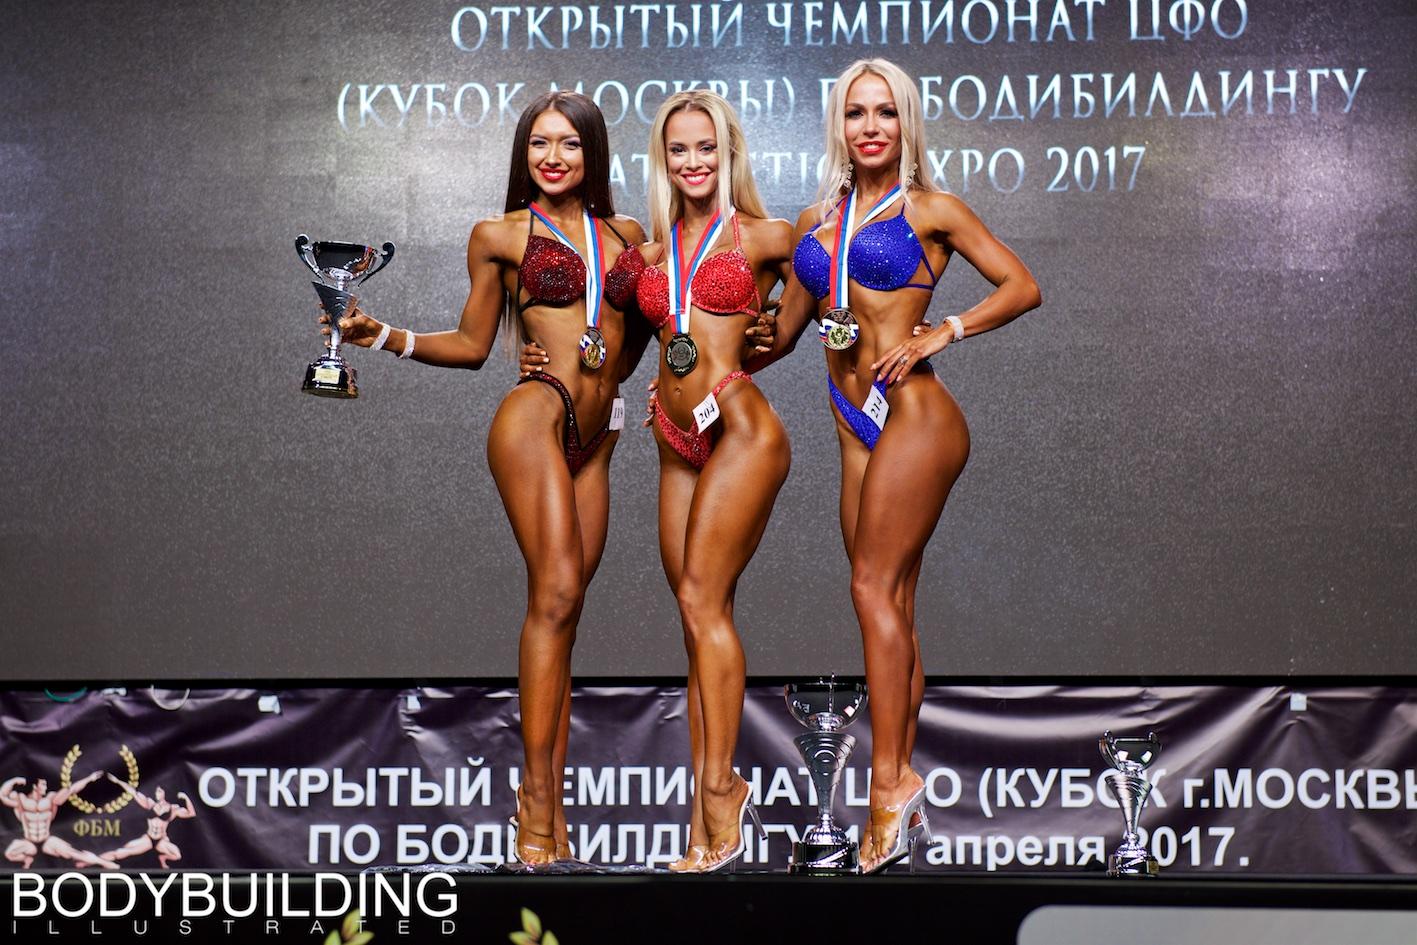 Кубок Москвы 2017. День первый. Победители.